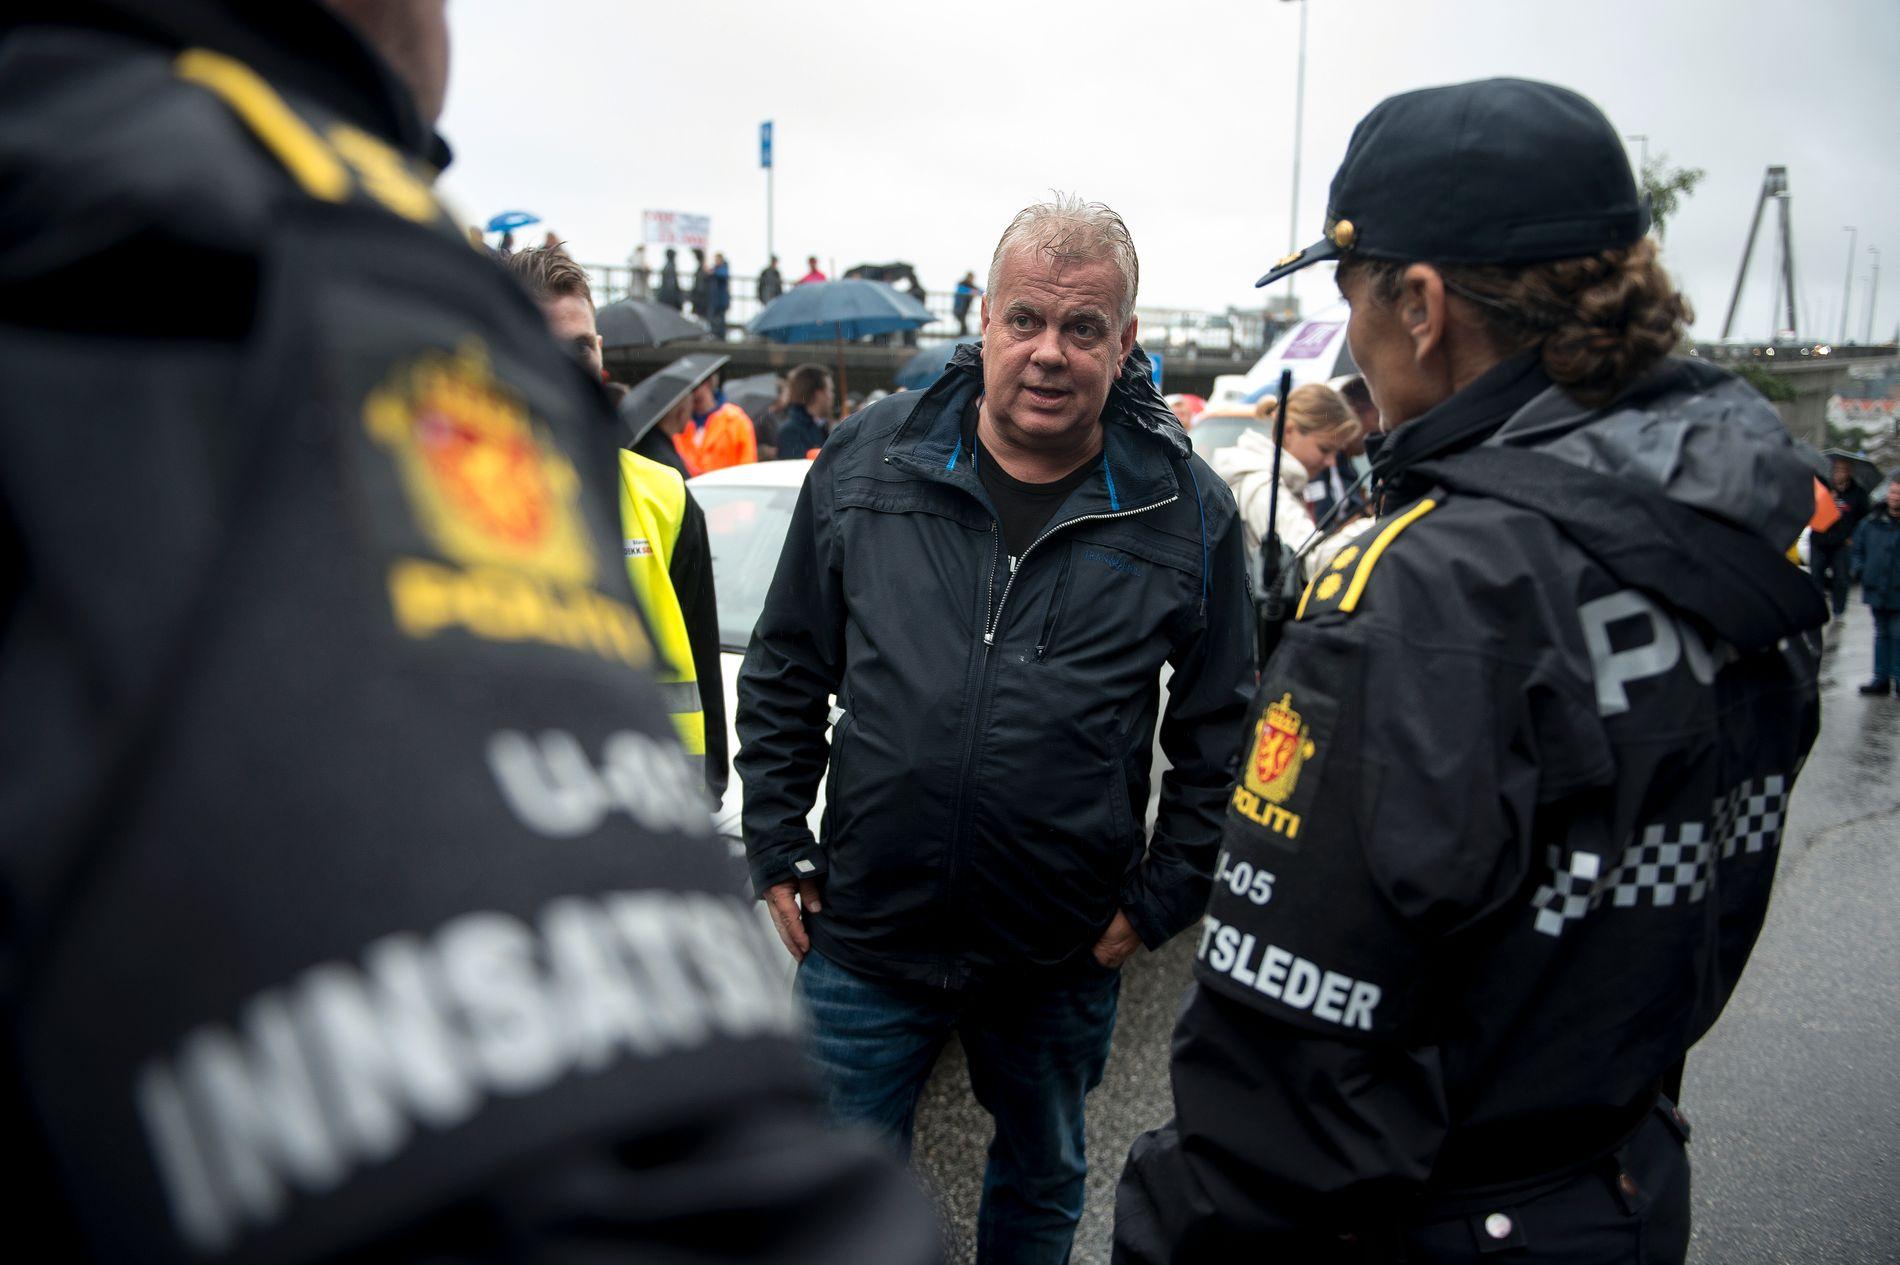 OPPRØR: Frp-politiker Leif Arne Moi Nilsen var initiativtager til onsdagens demonstrasjon i Stavanger.